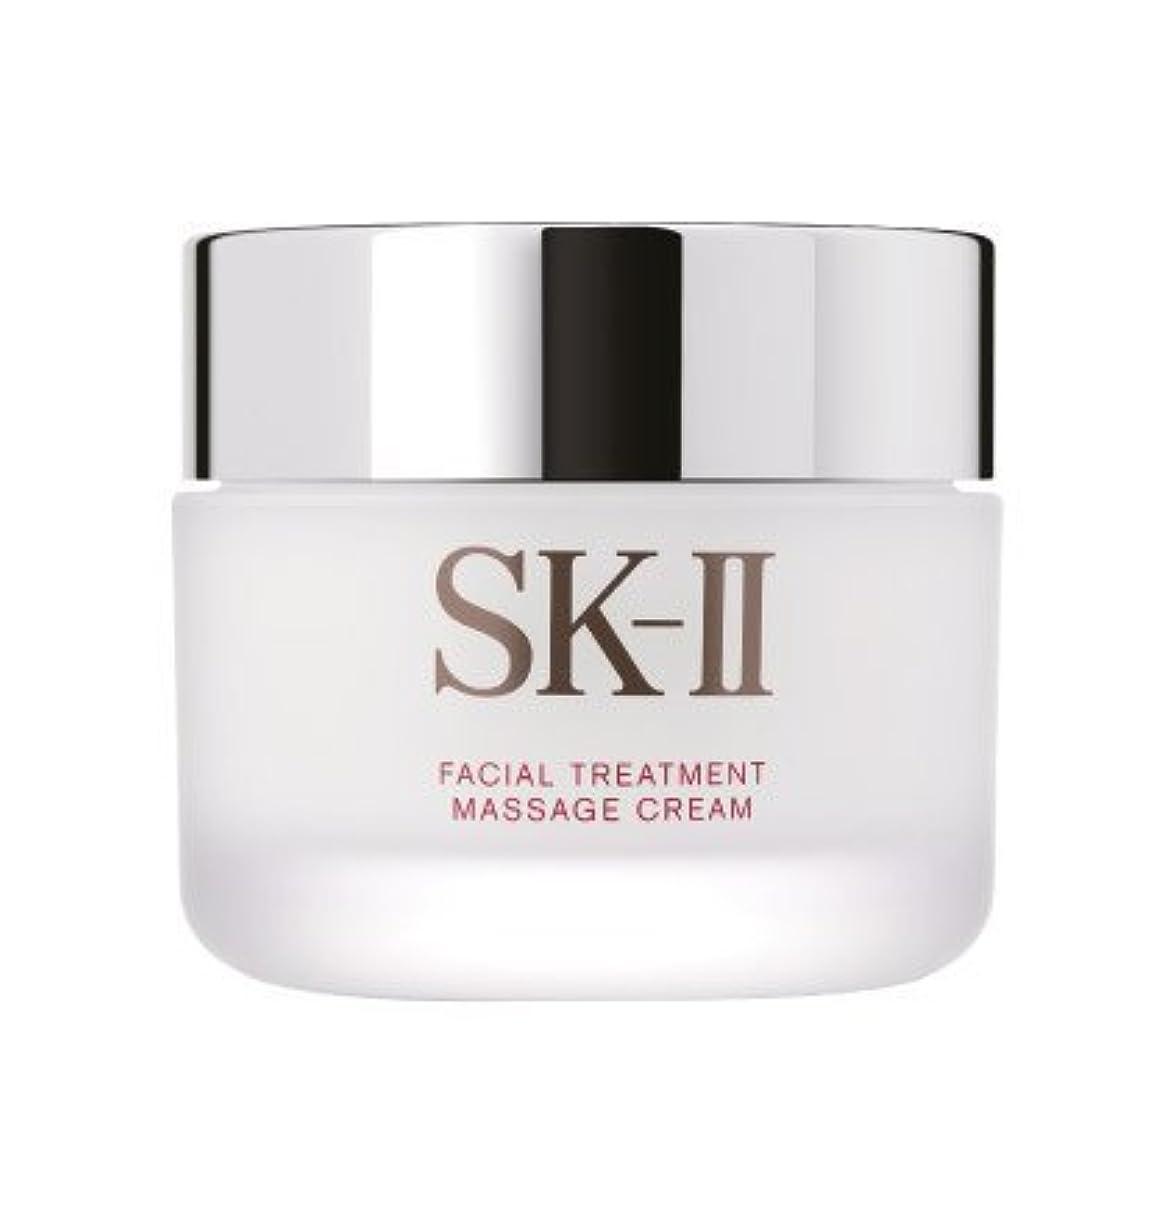 きょうだい知っているに立ち寄る申請者SK-II フェイシャル トリートメント マッサージ クリーム 80g SK2 マックスファクター 化粧品 美容 クリーム